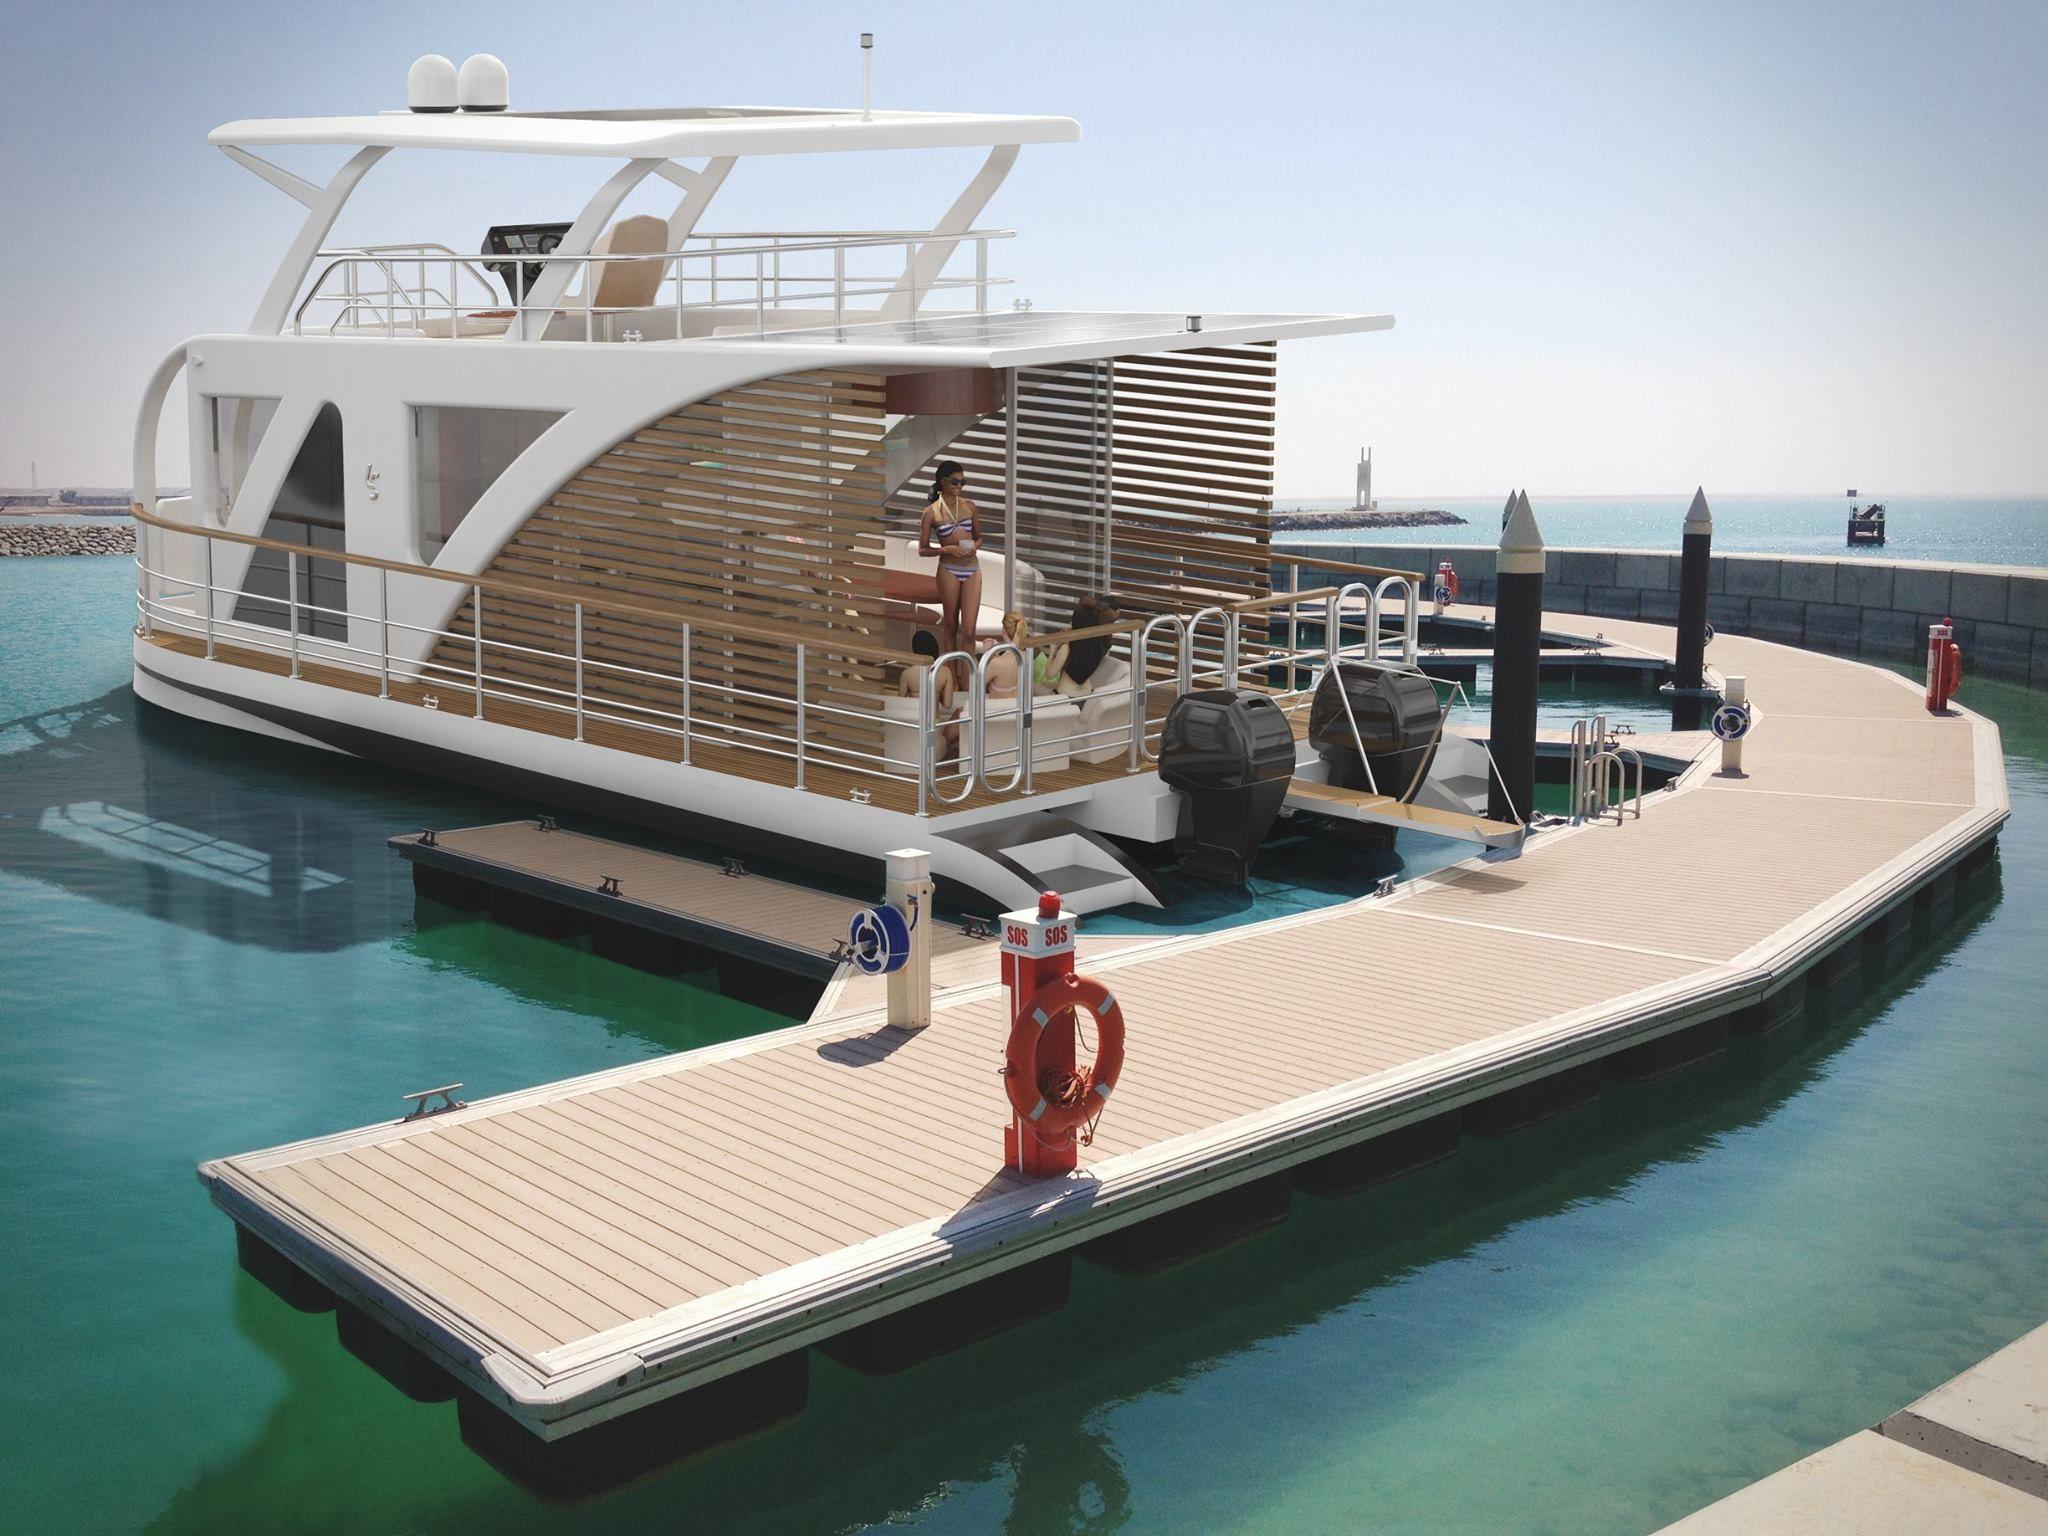 Kaip Smiltynės jachtklube gimsta nauja verslo idėja